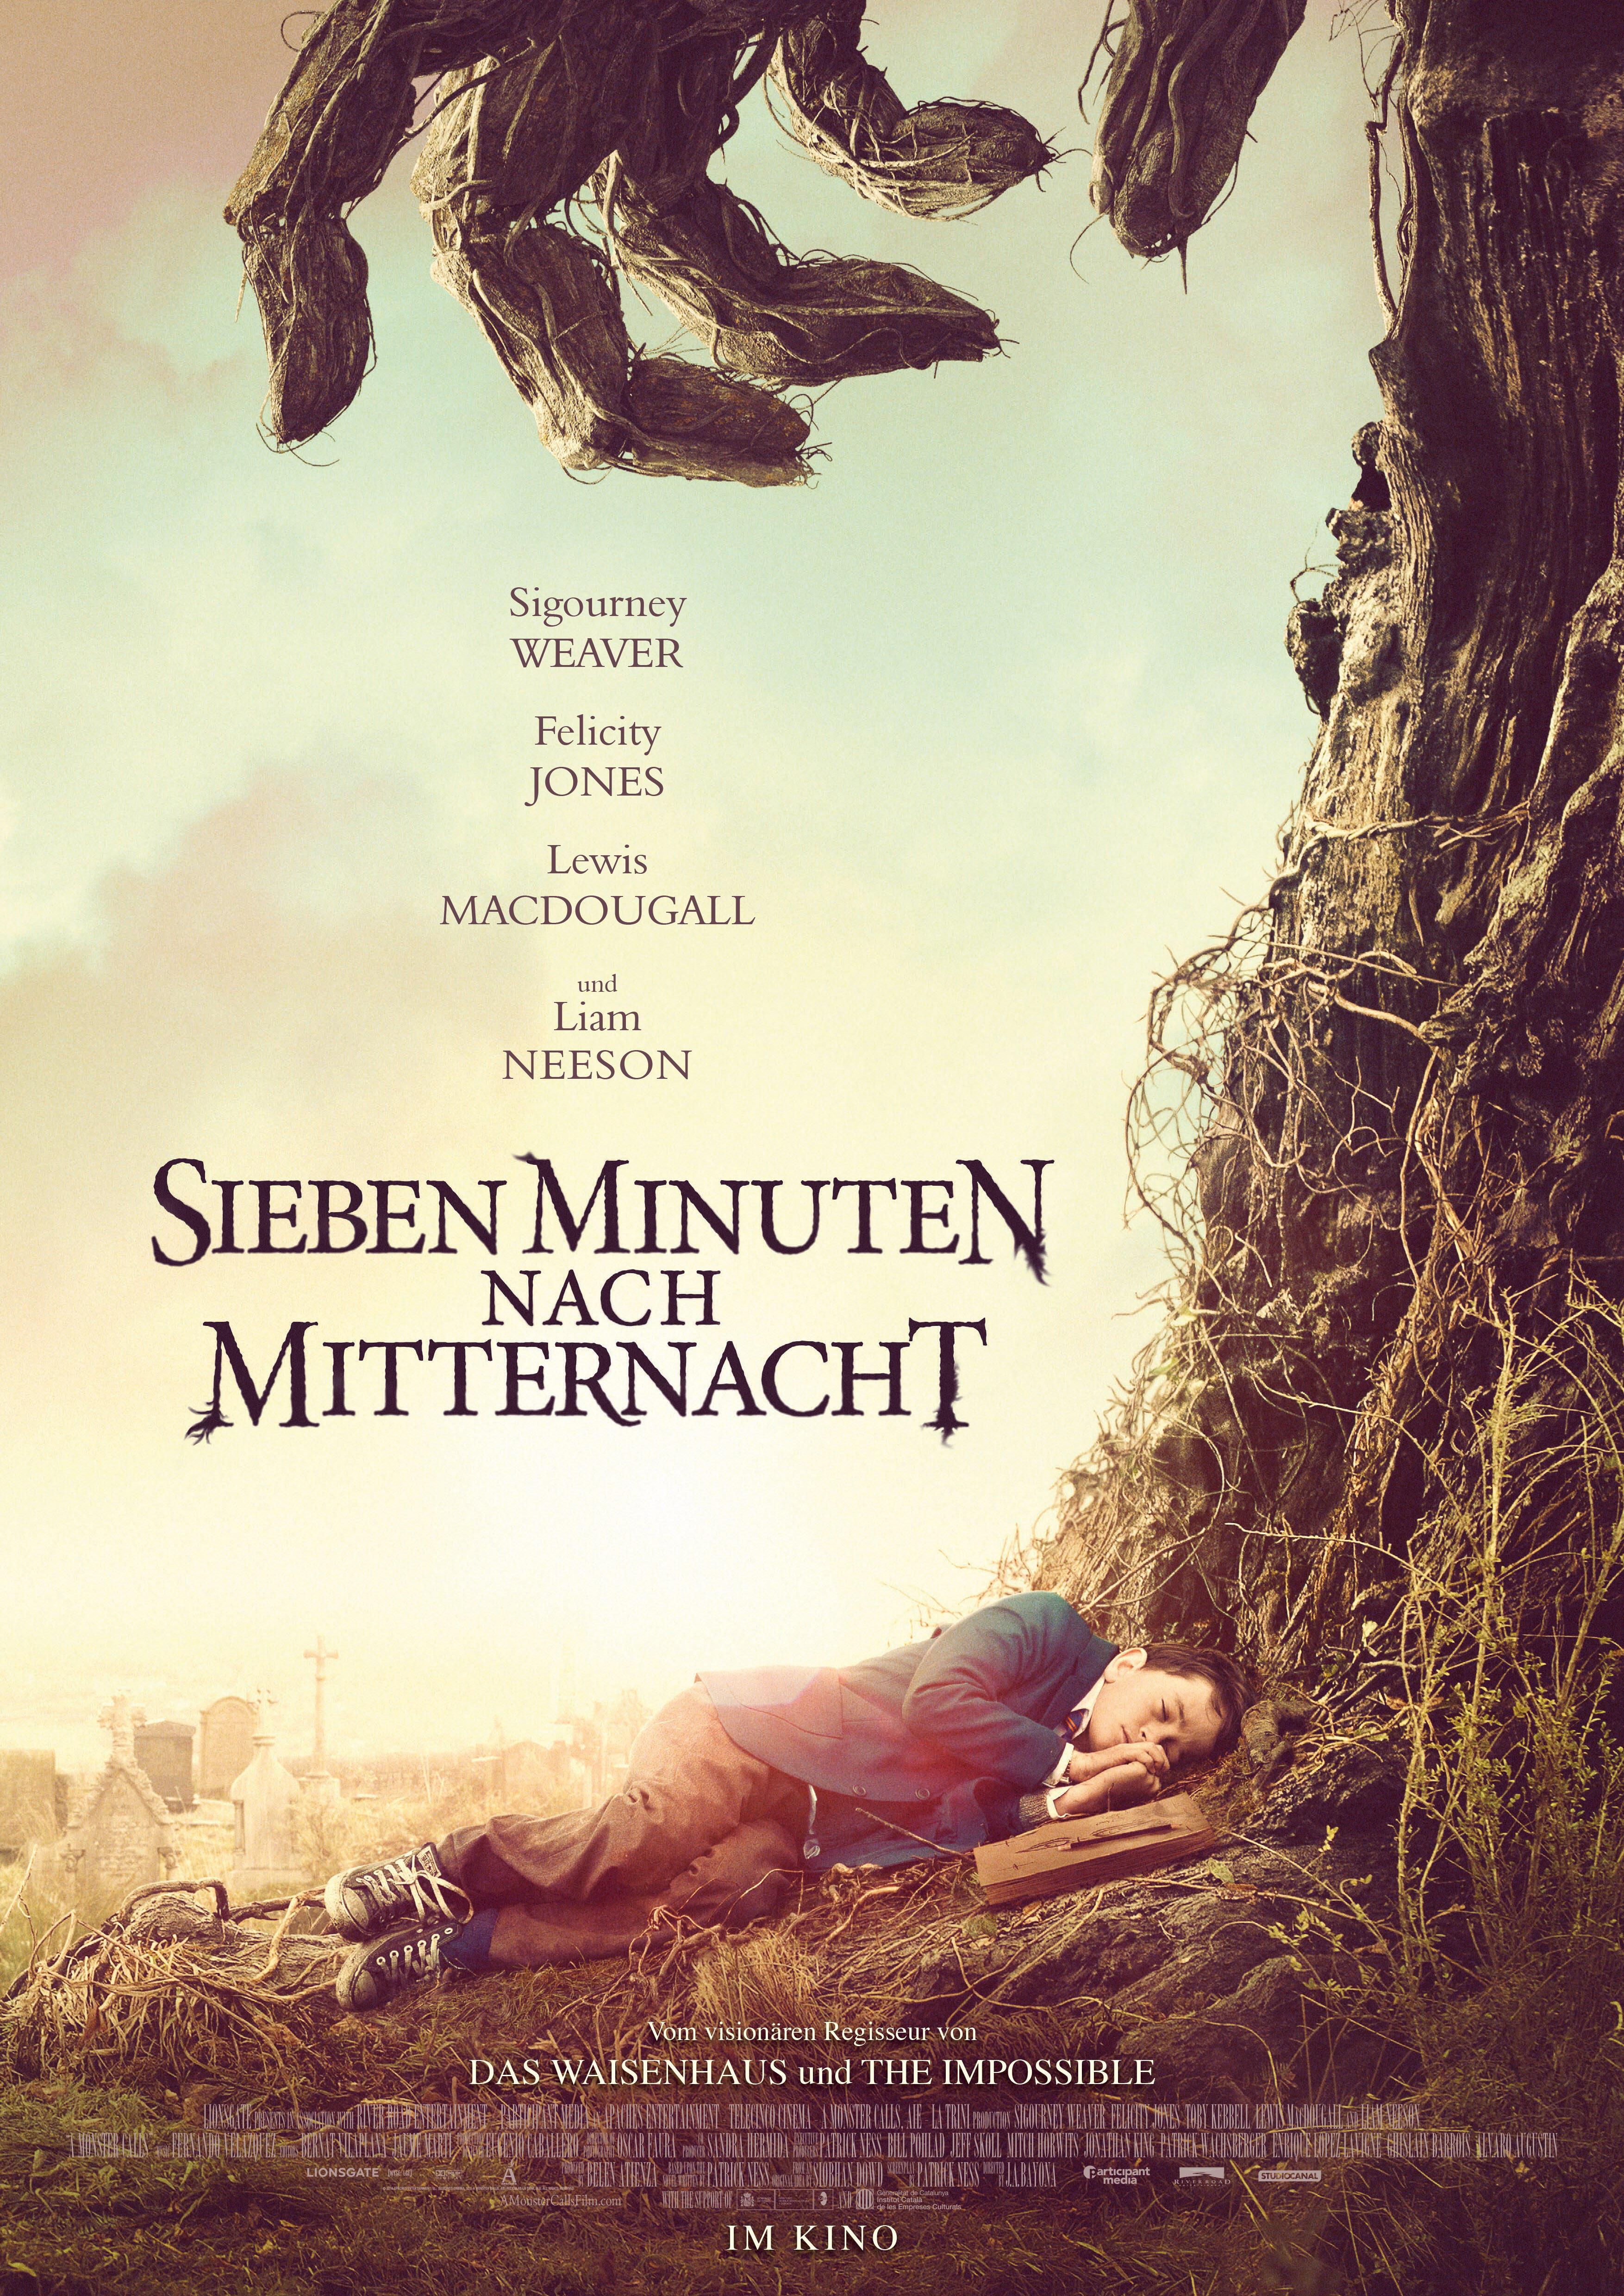 Sieben Minuten nach Mitternacht   Film 2016   moviepilot.de